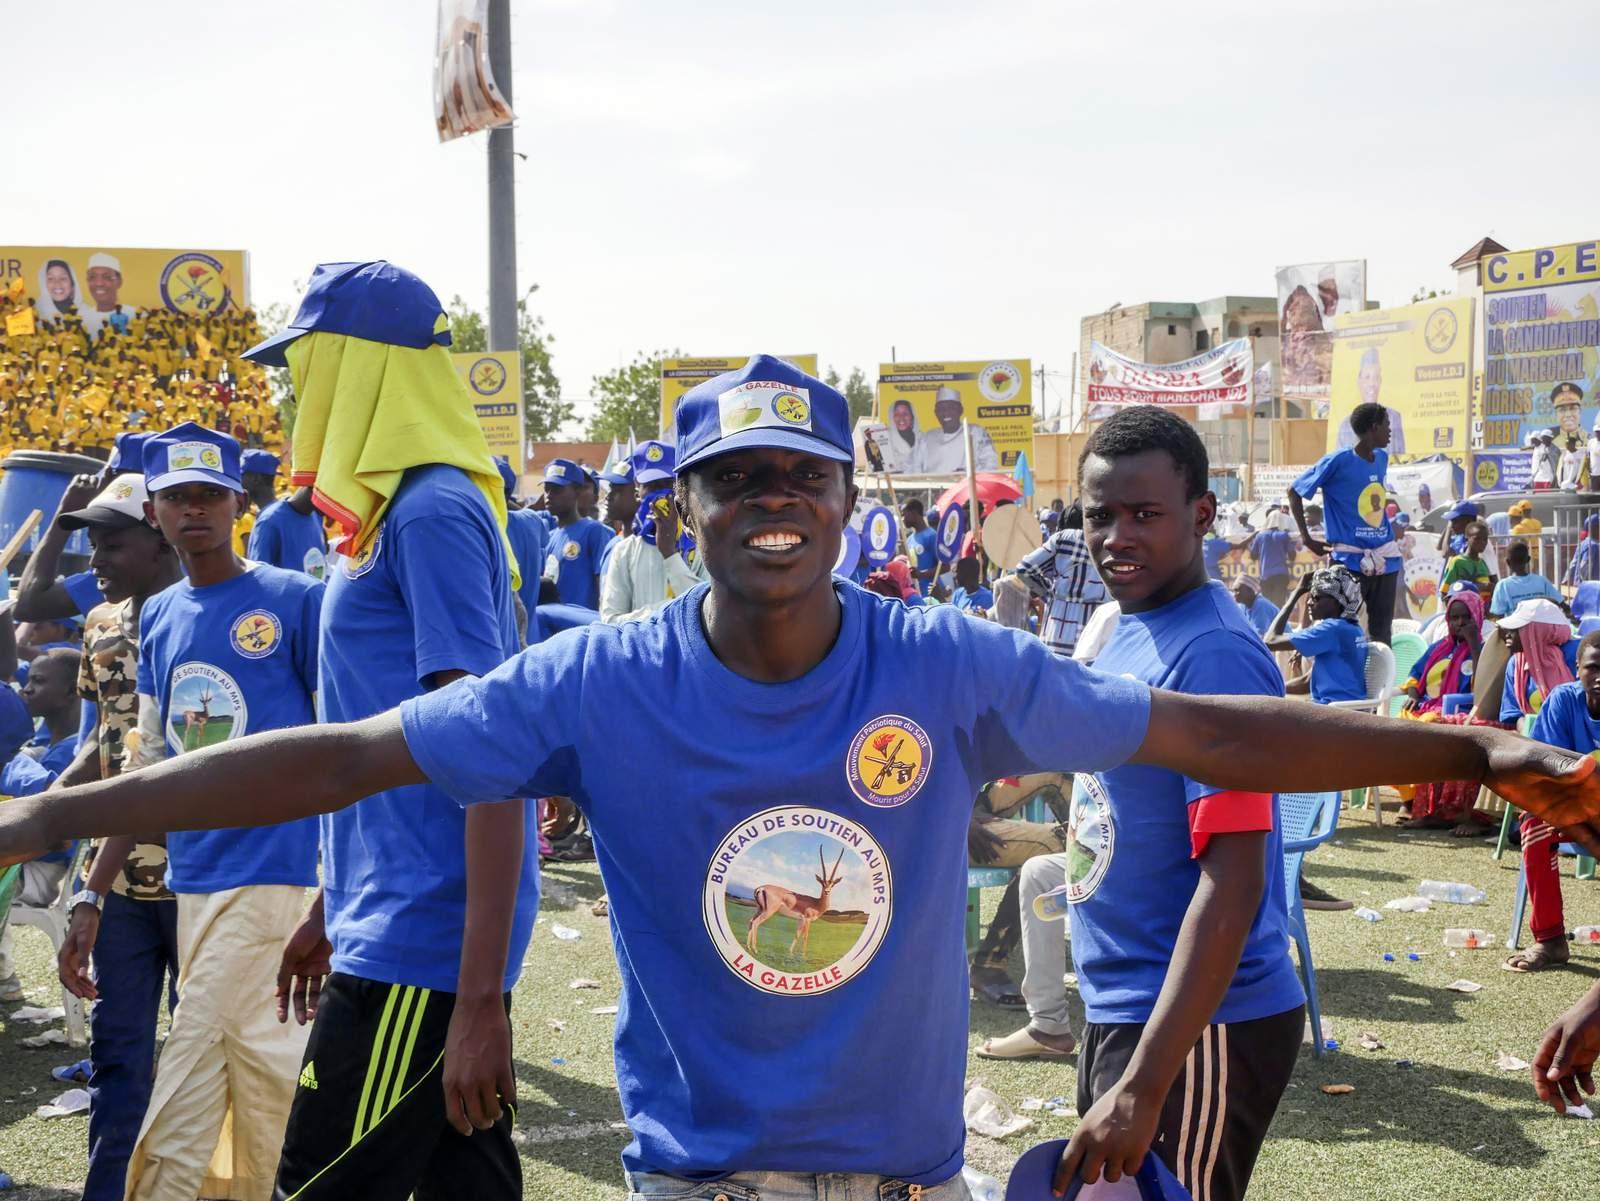 El presidente Chadiano busca su sexto mandato después de 30 años en el poder